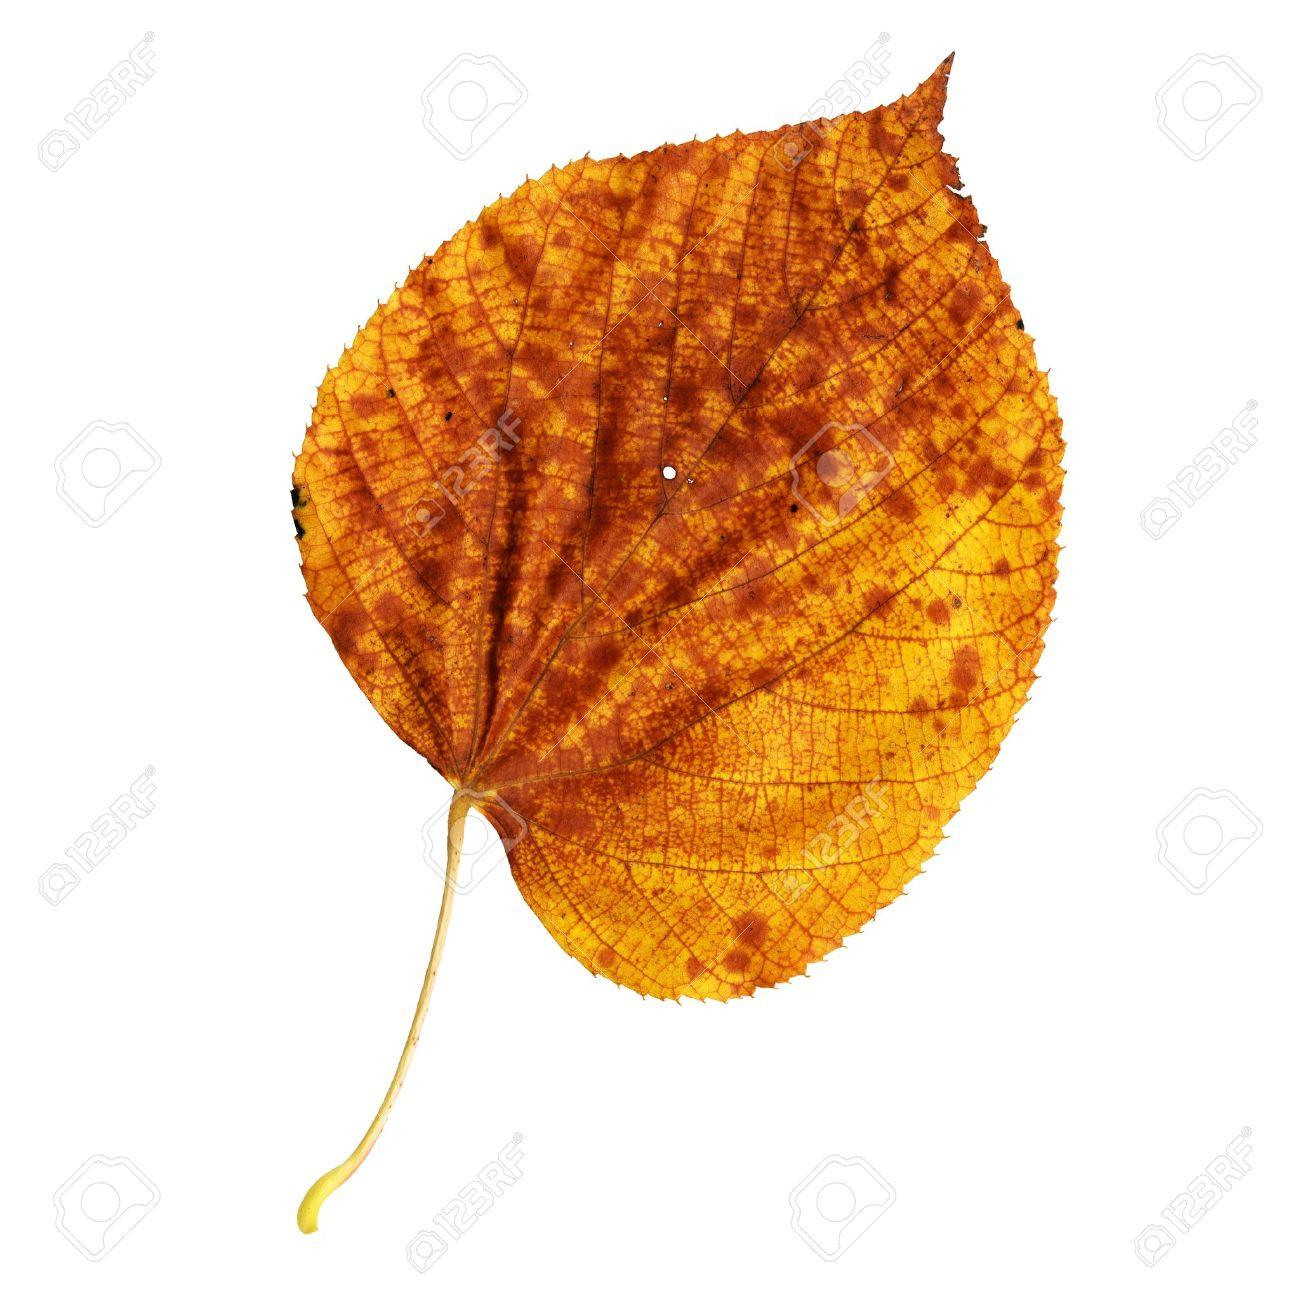 Autumn leaf of large-leaved linden, top surface, Tilia platyphyllos Standard-Bild - 10019125